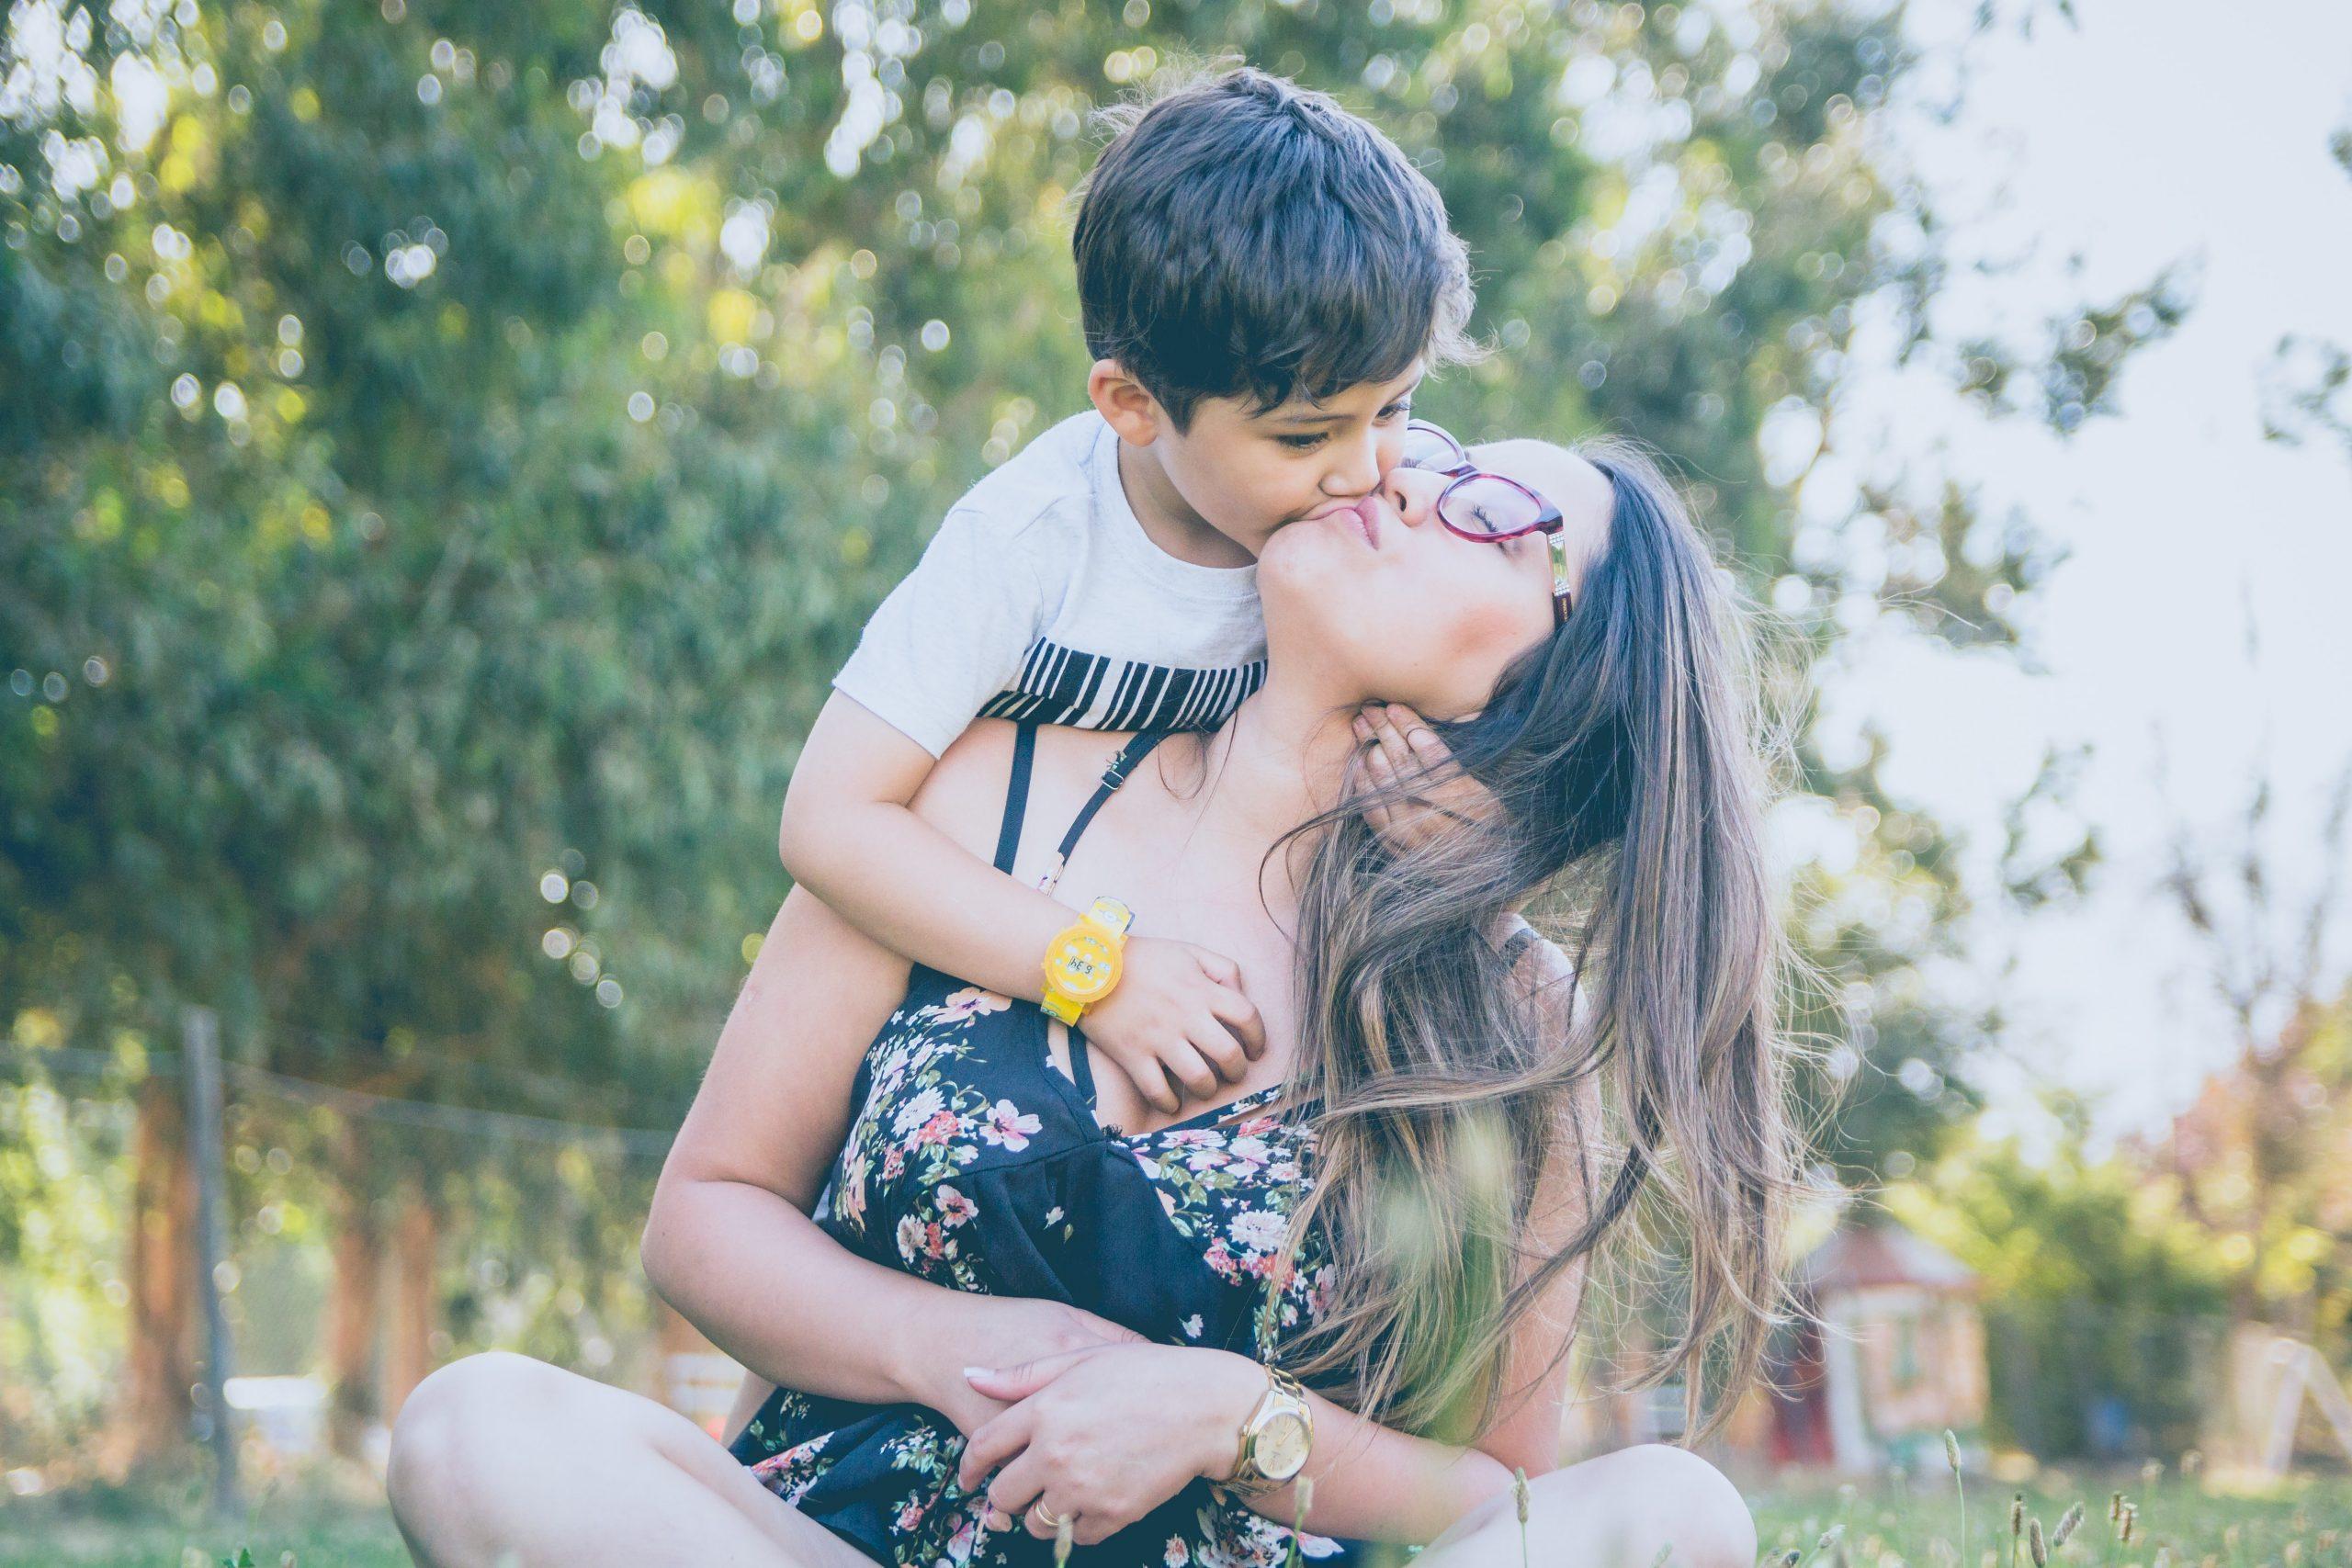 thuisblijfmoeder handige tips